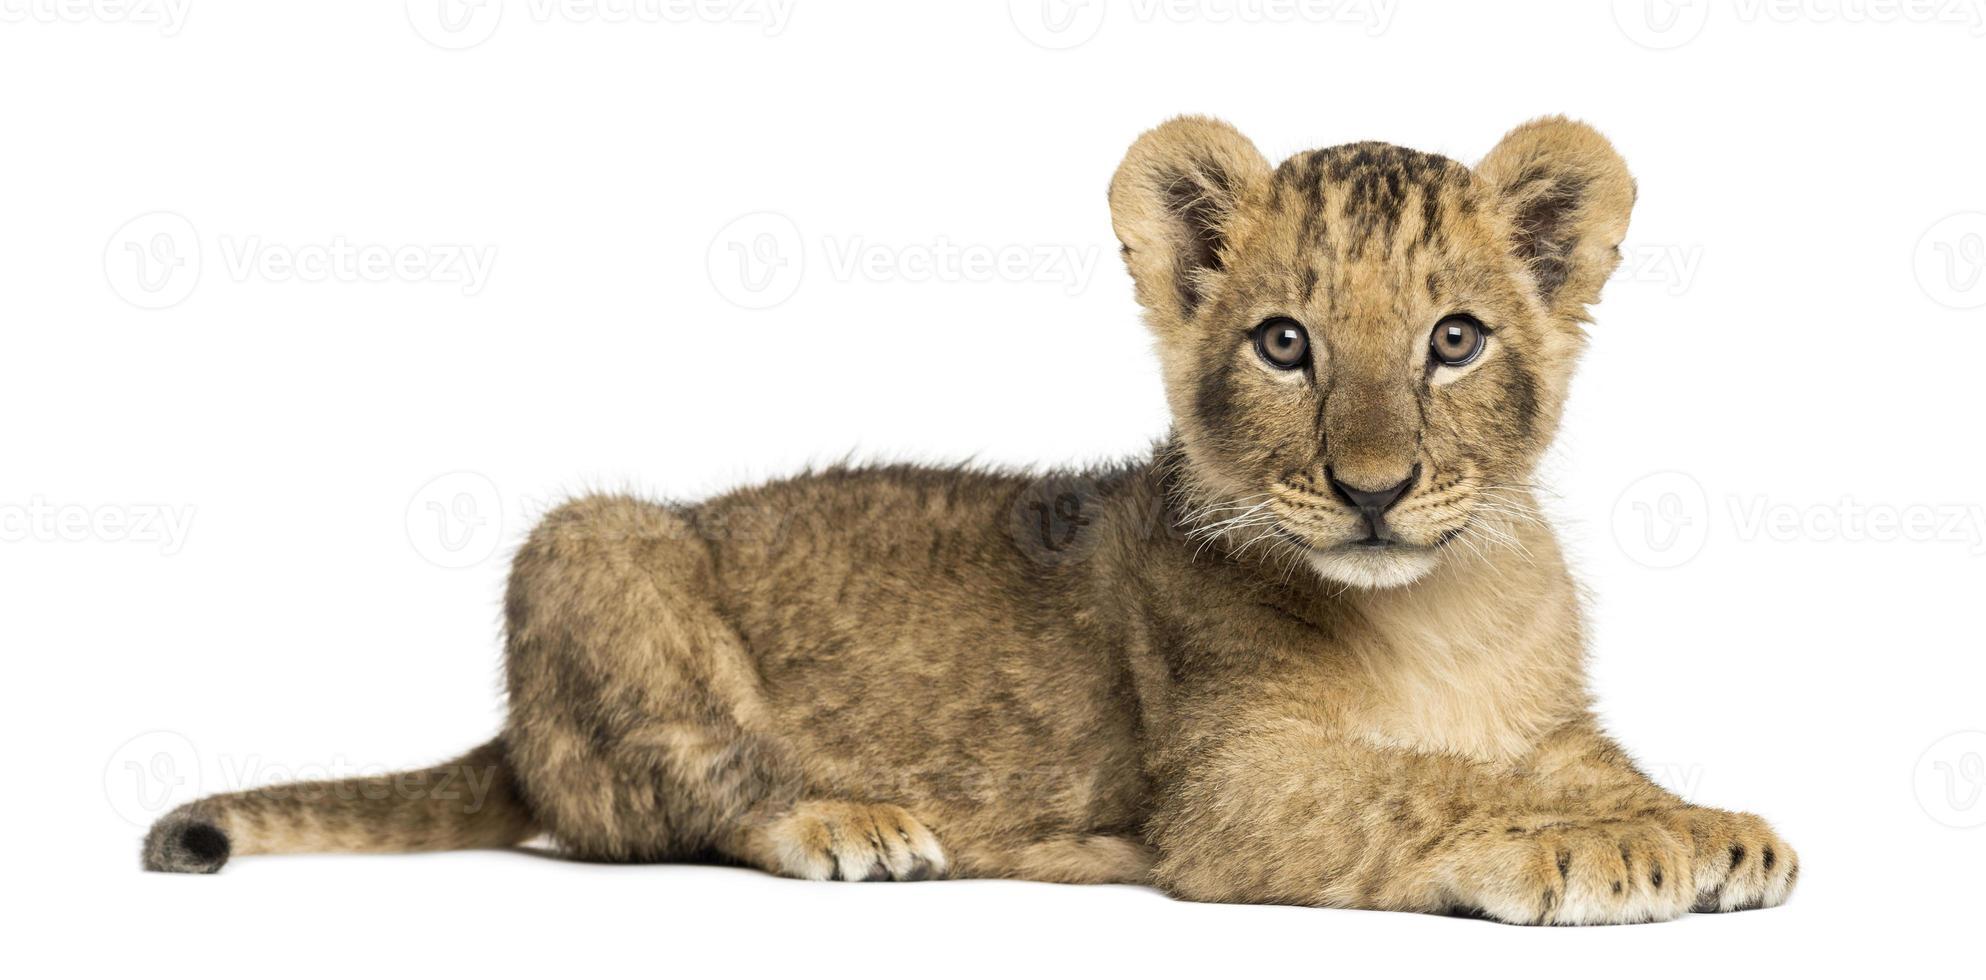 vista lateral do filhote de leão deitado, olhando para a câmera foto